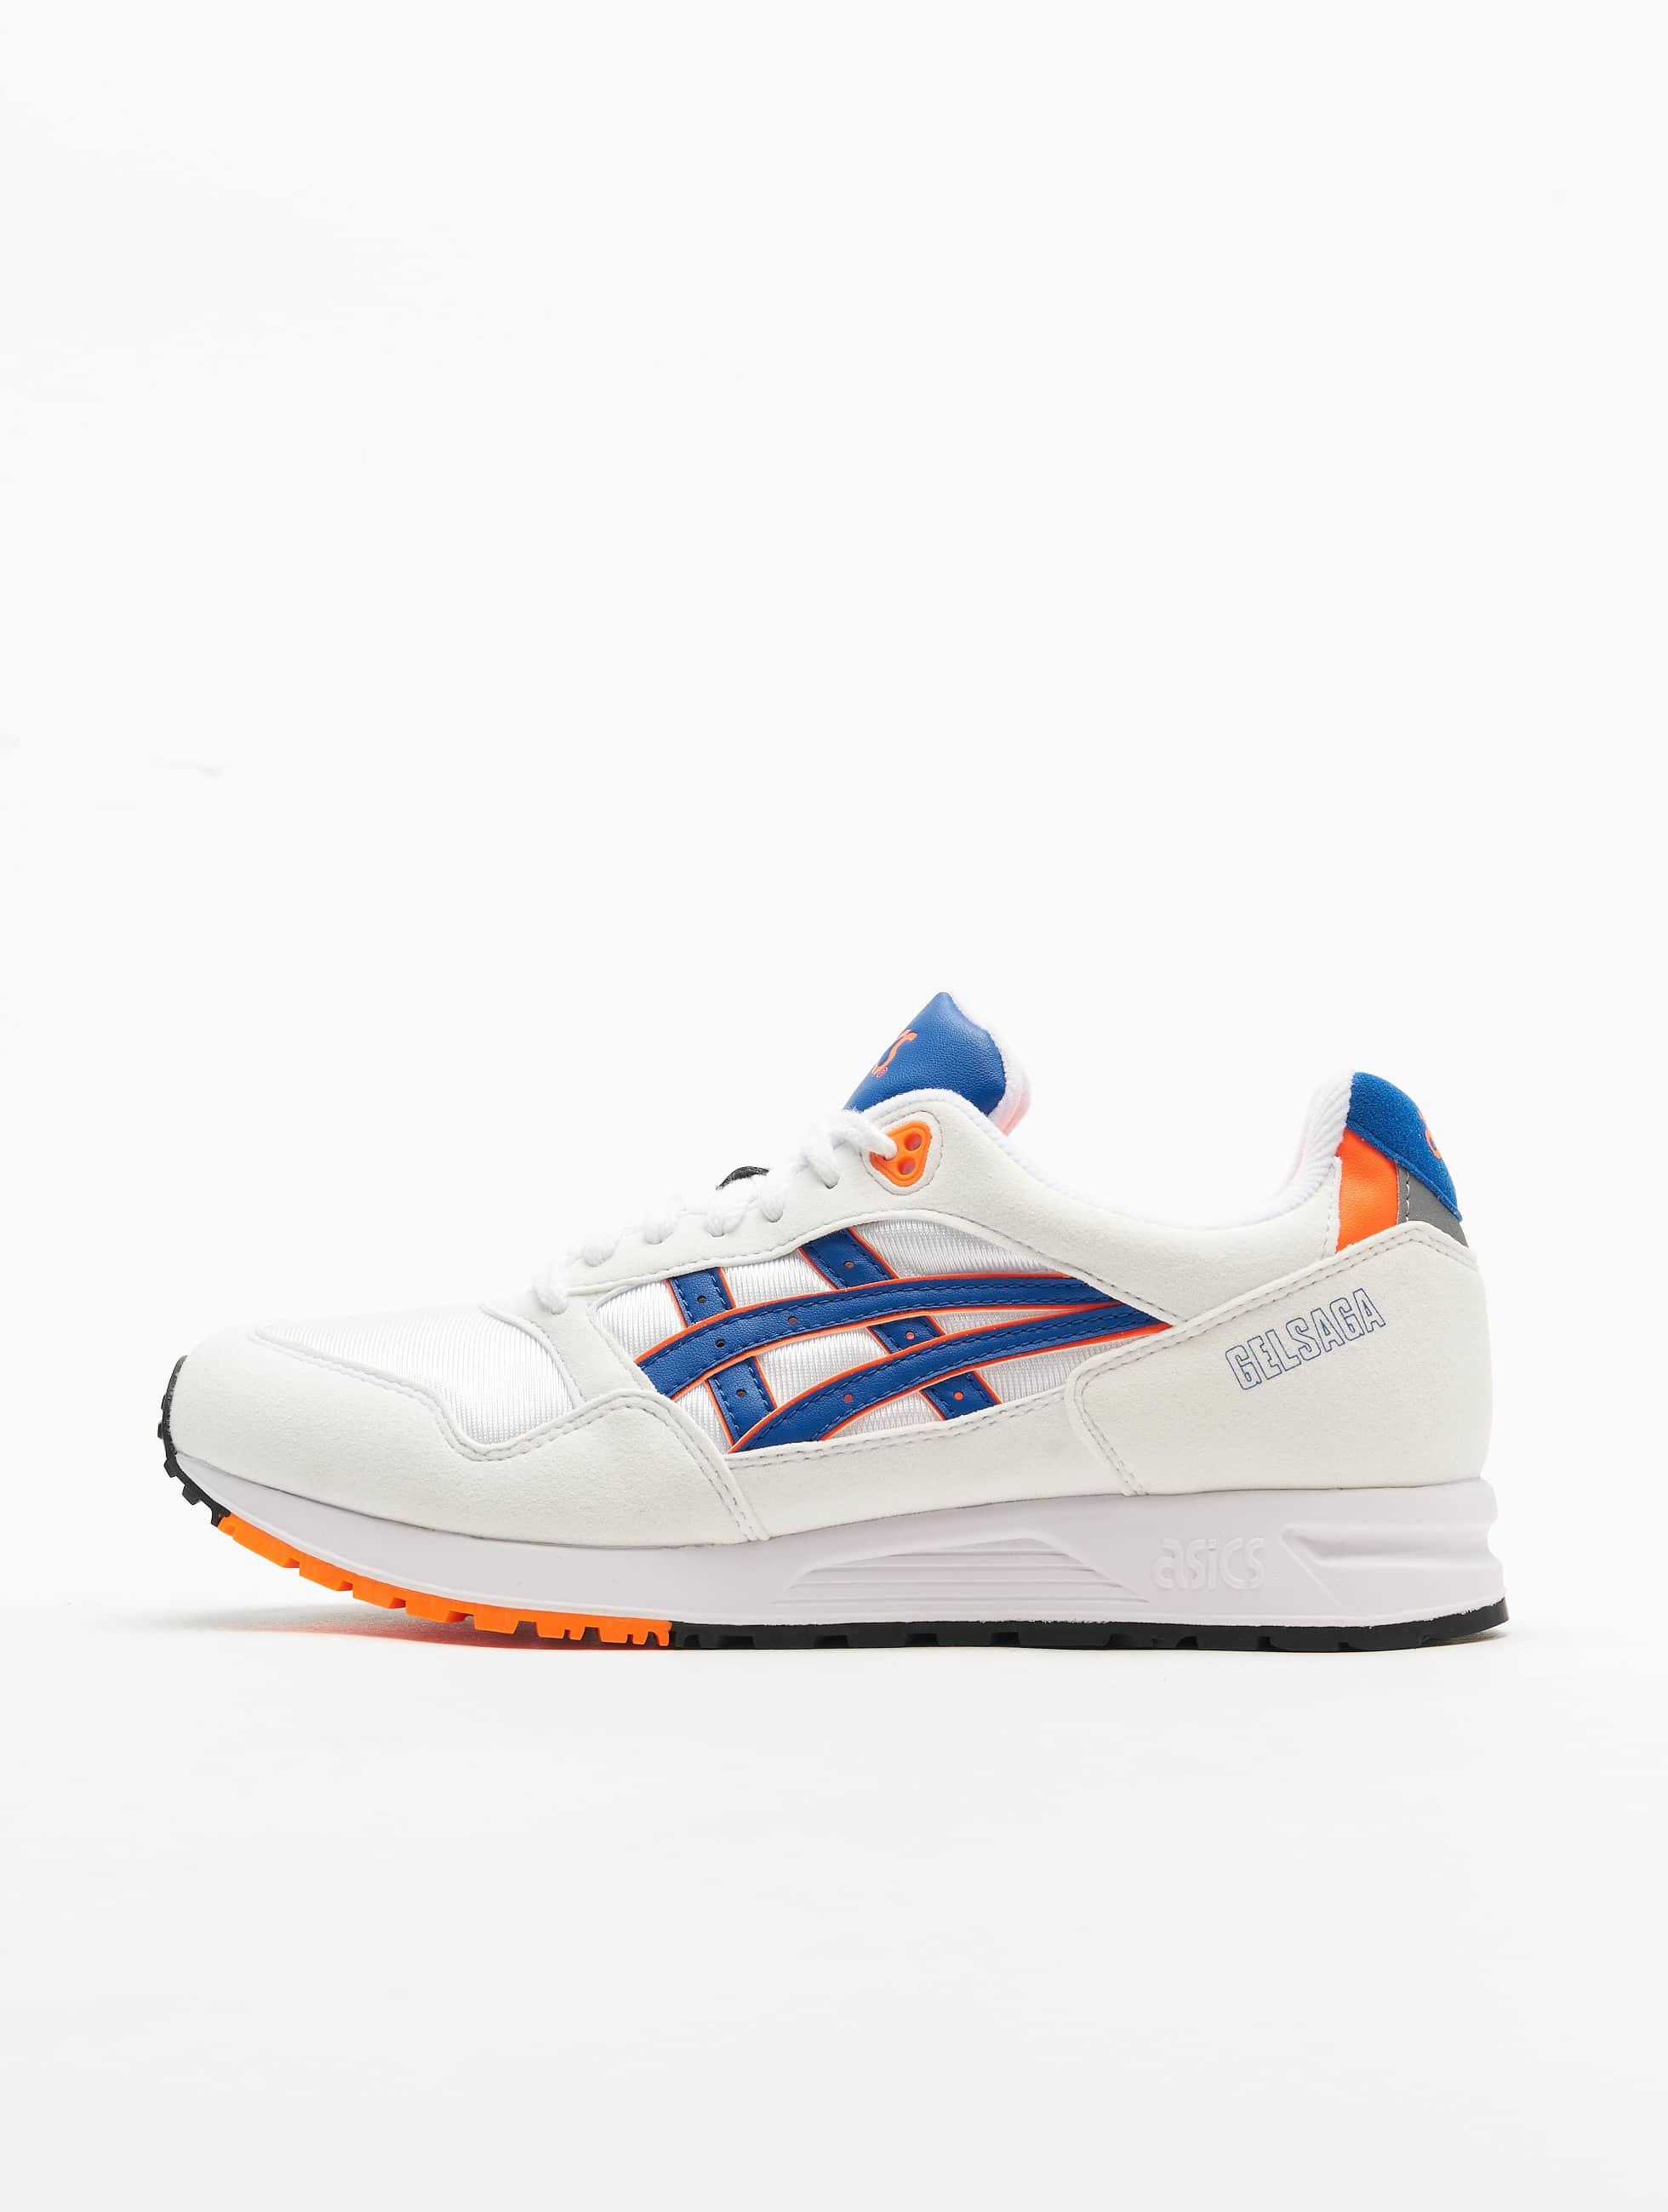 Asics Tiger Gel Saga Sneakers WhiteAsics Blue